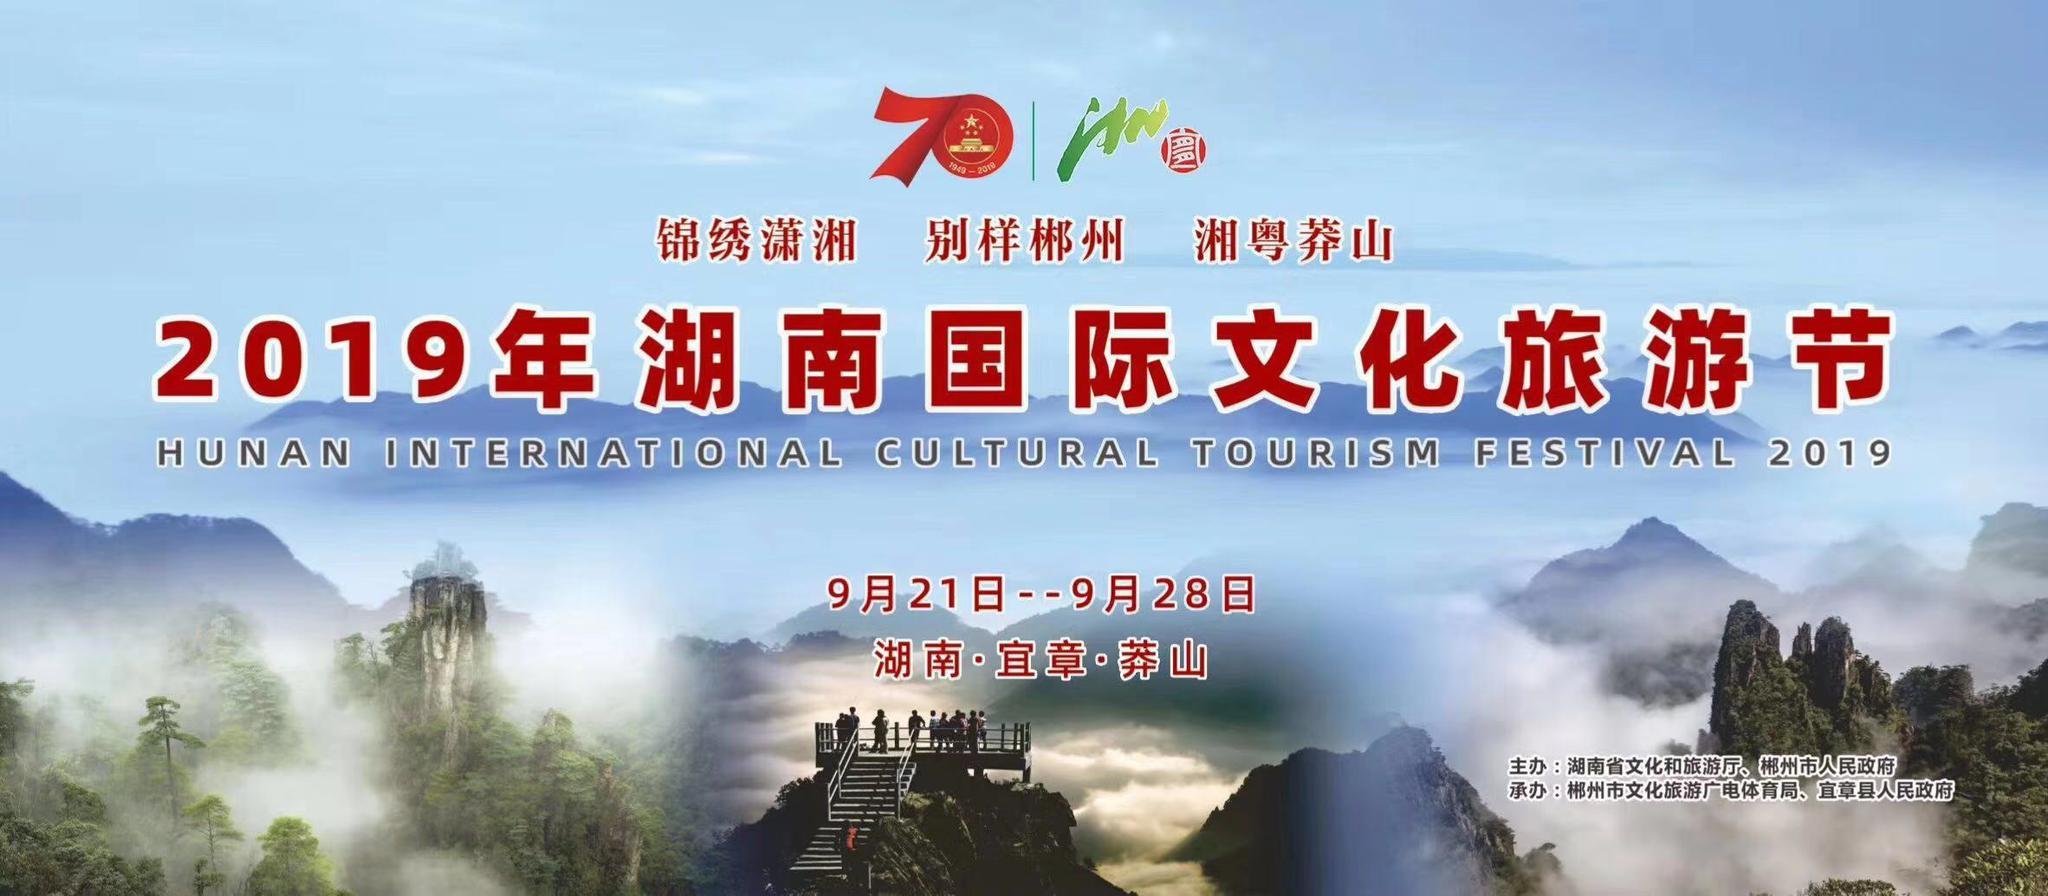 2019中国湖南国际文化旅游节开幕式